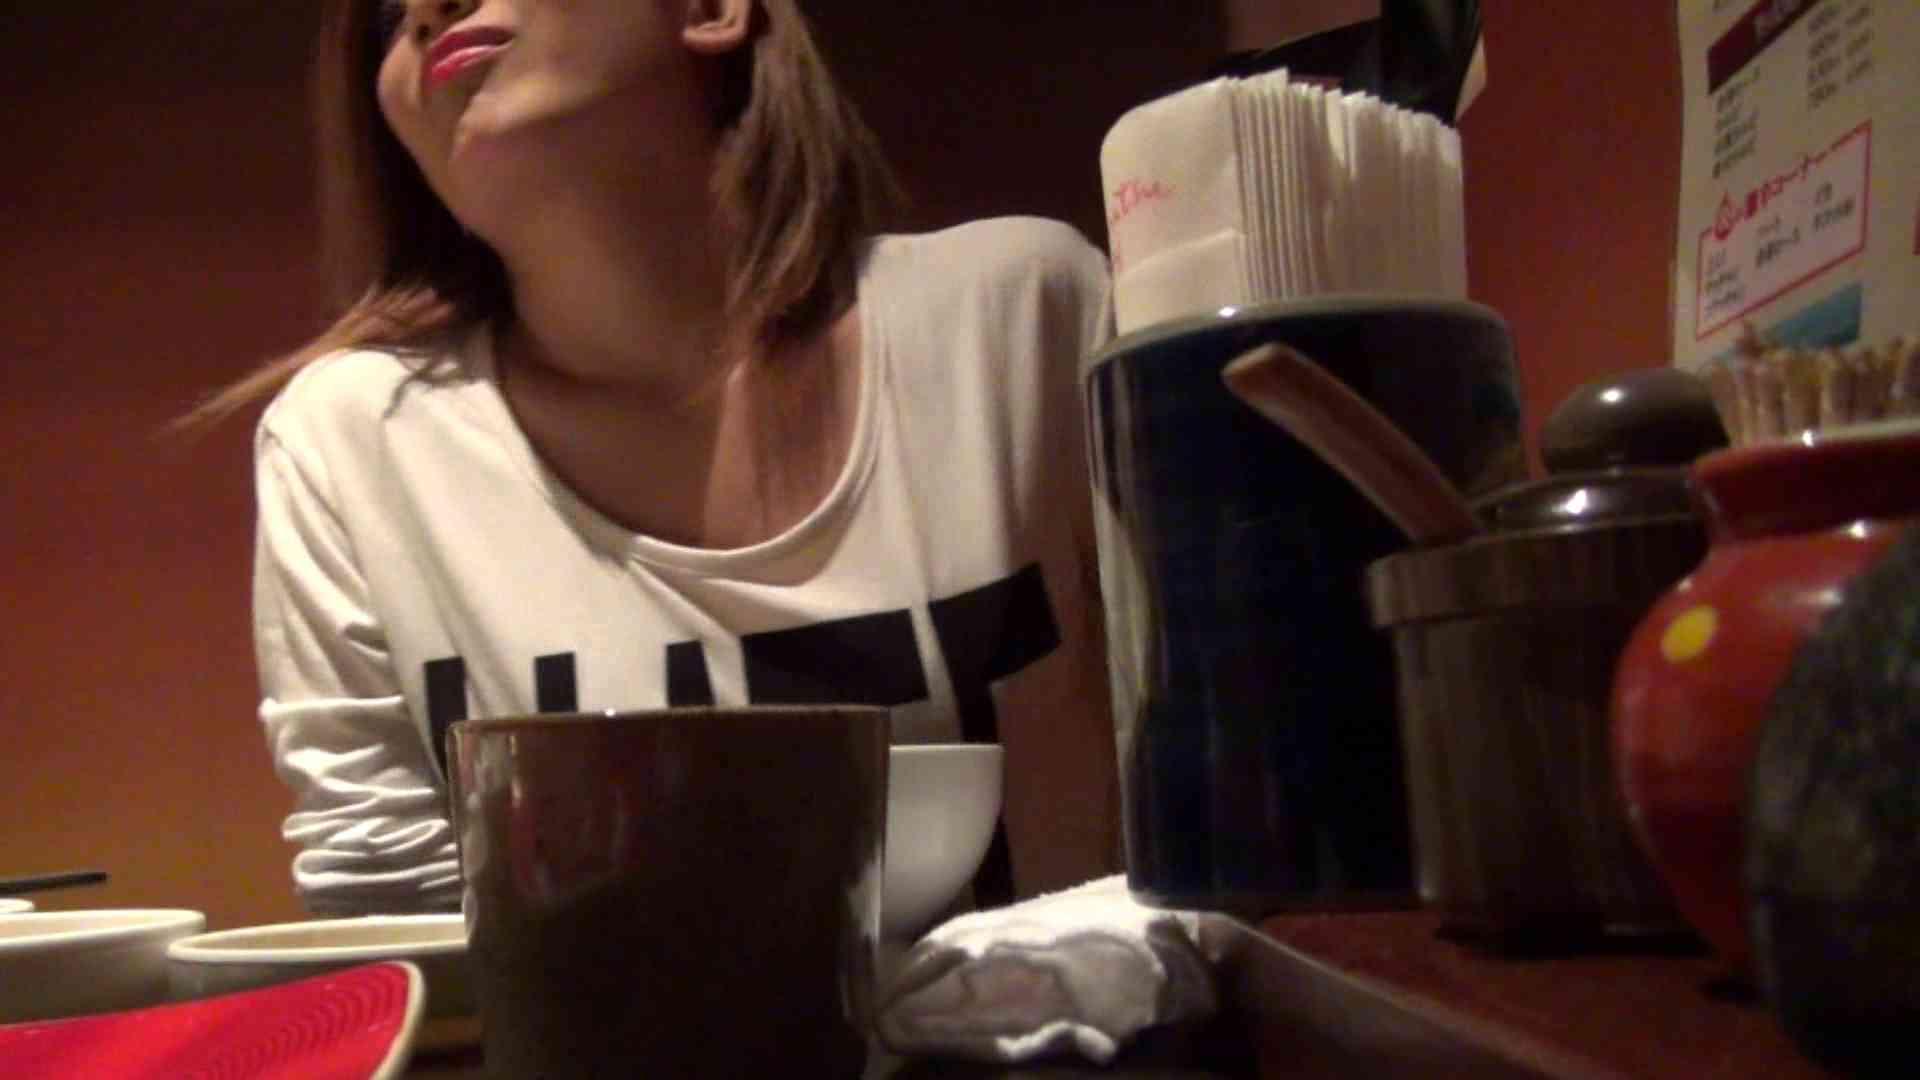 【出会い01】大助さんMちゃんと食事会 0  53連発 12